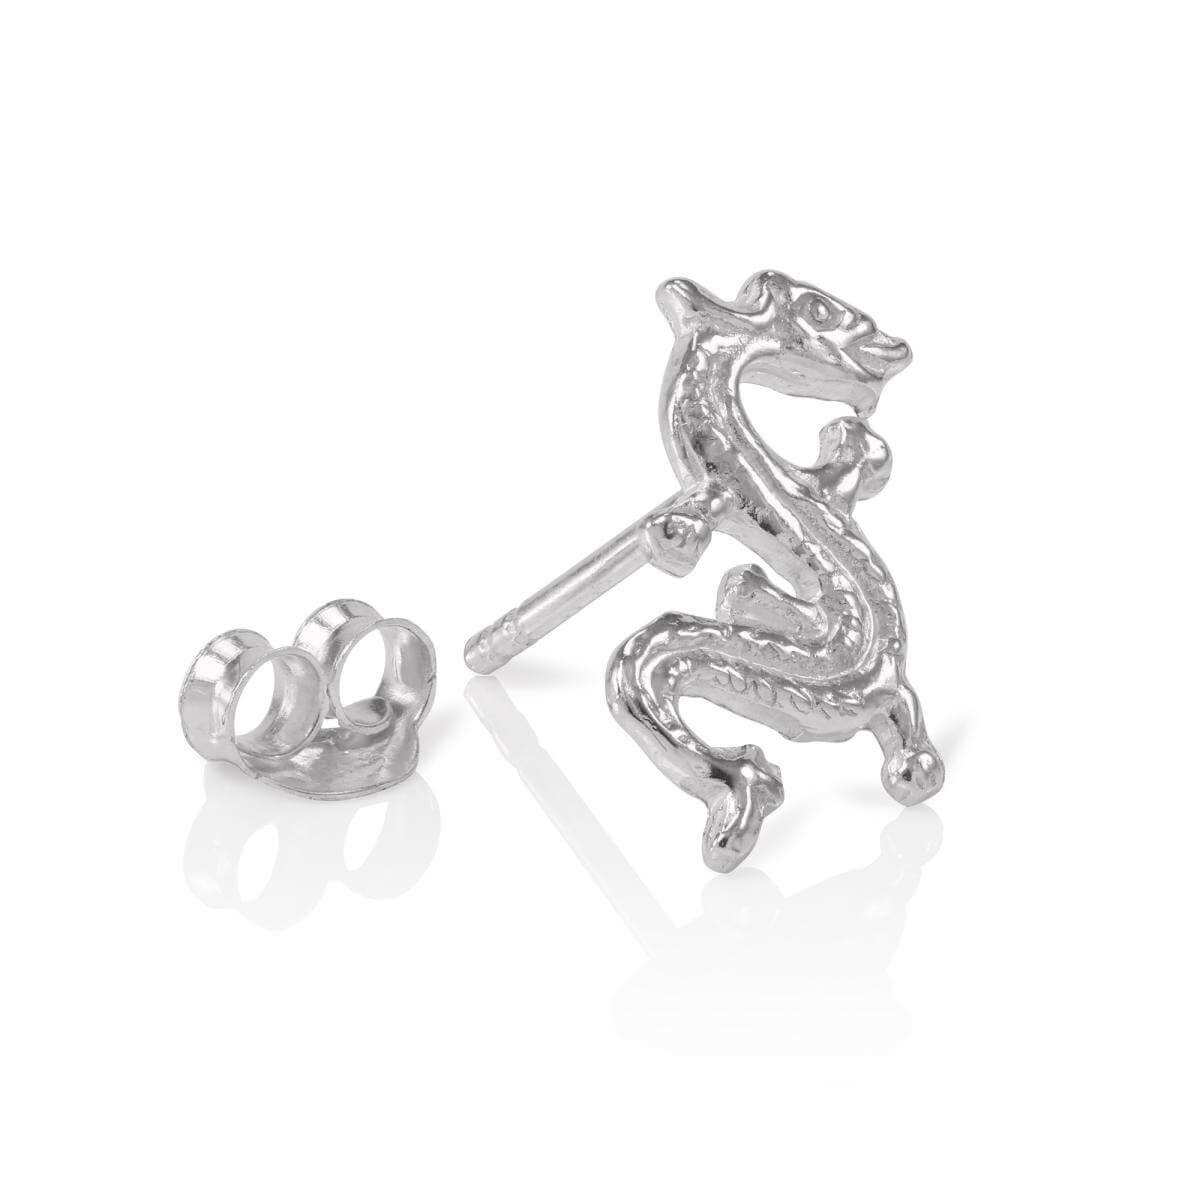 Sterling Silver Mens Dragon Single Ear Stud Earring